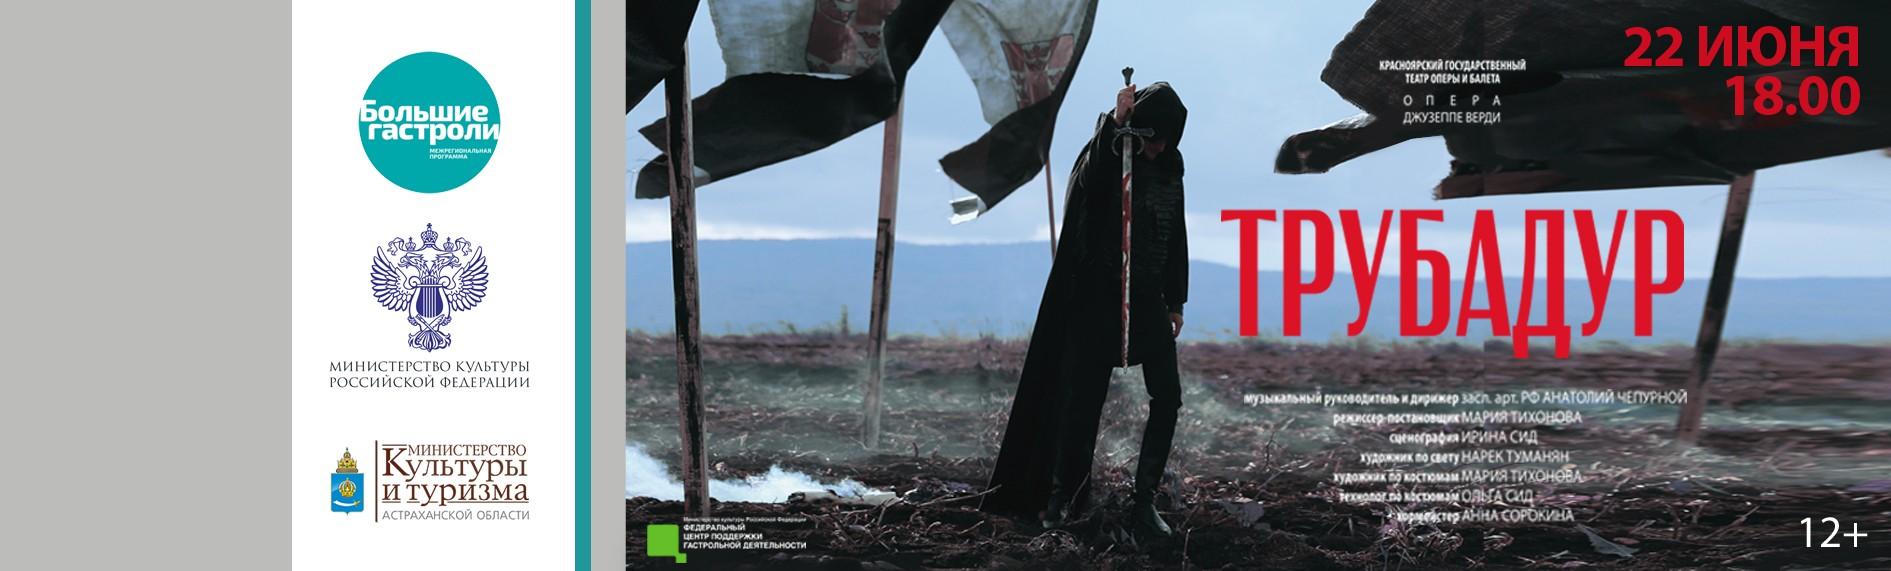 """Гастроли Красноярского театра оперы и балета. Опера """"Трубадур"""""""